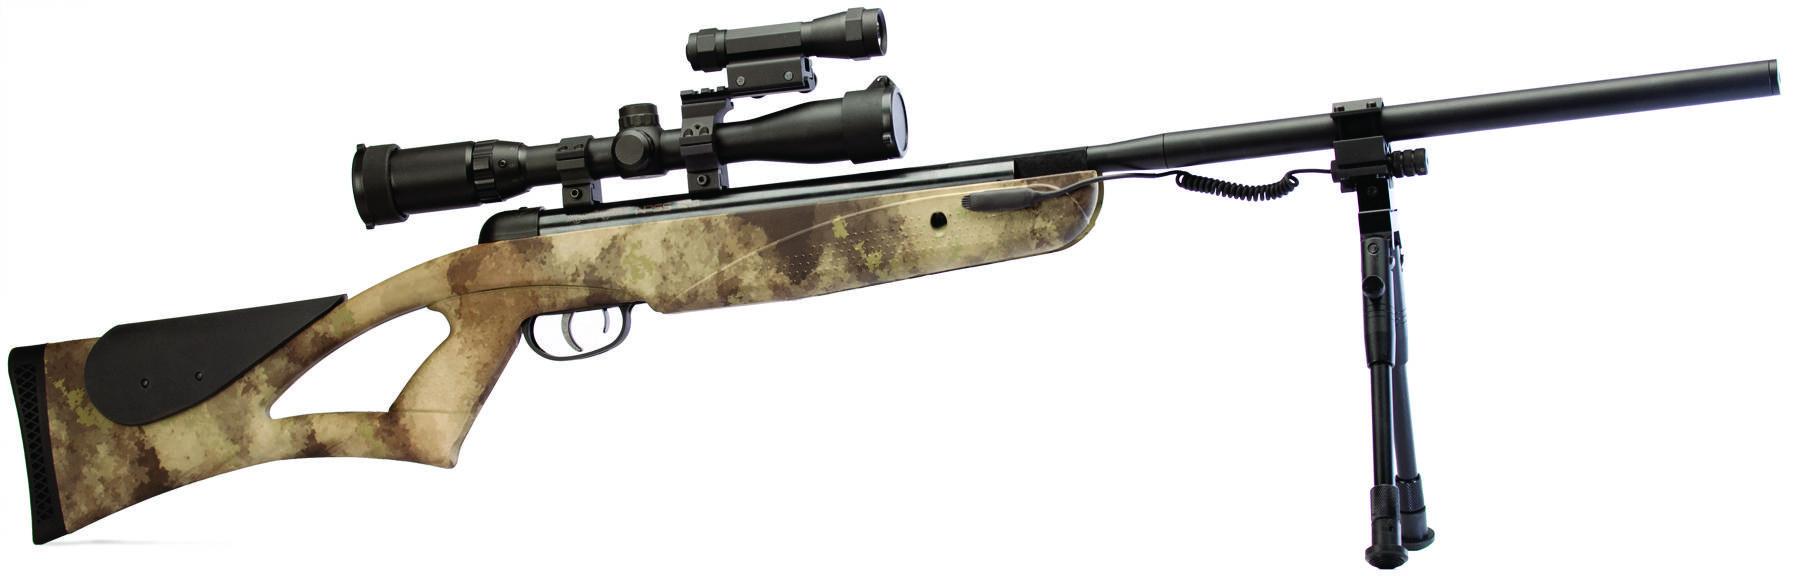 Nitro piston air rifles